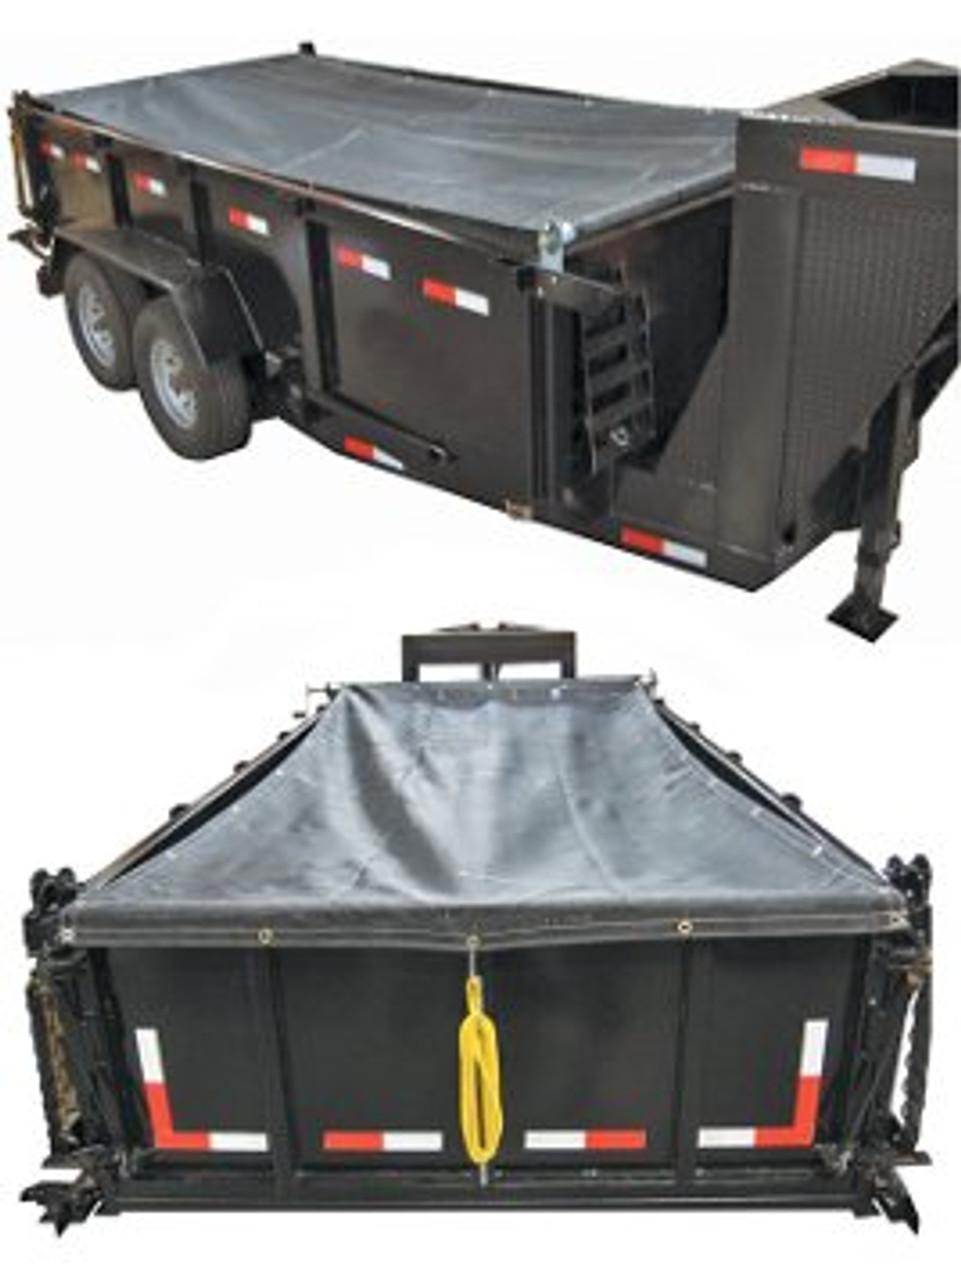 DTTK822 --- 8' x 22' Dump Trailer Tarp Kit